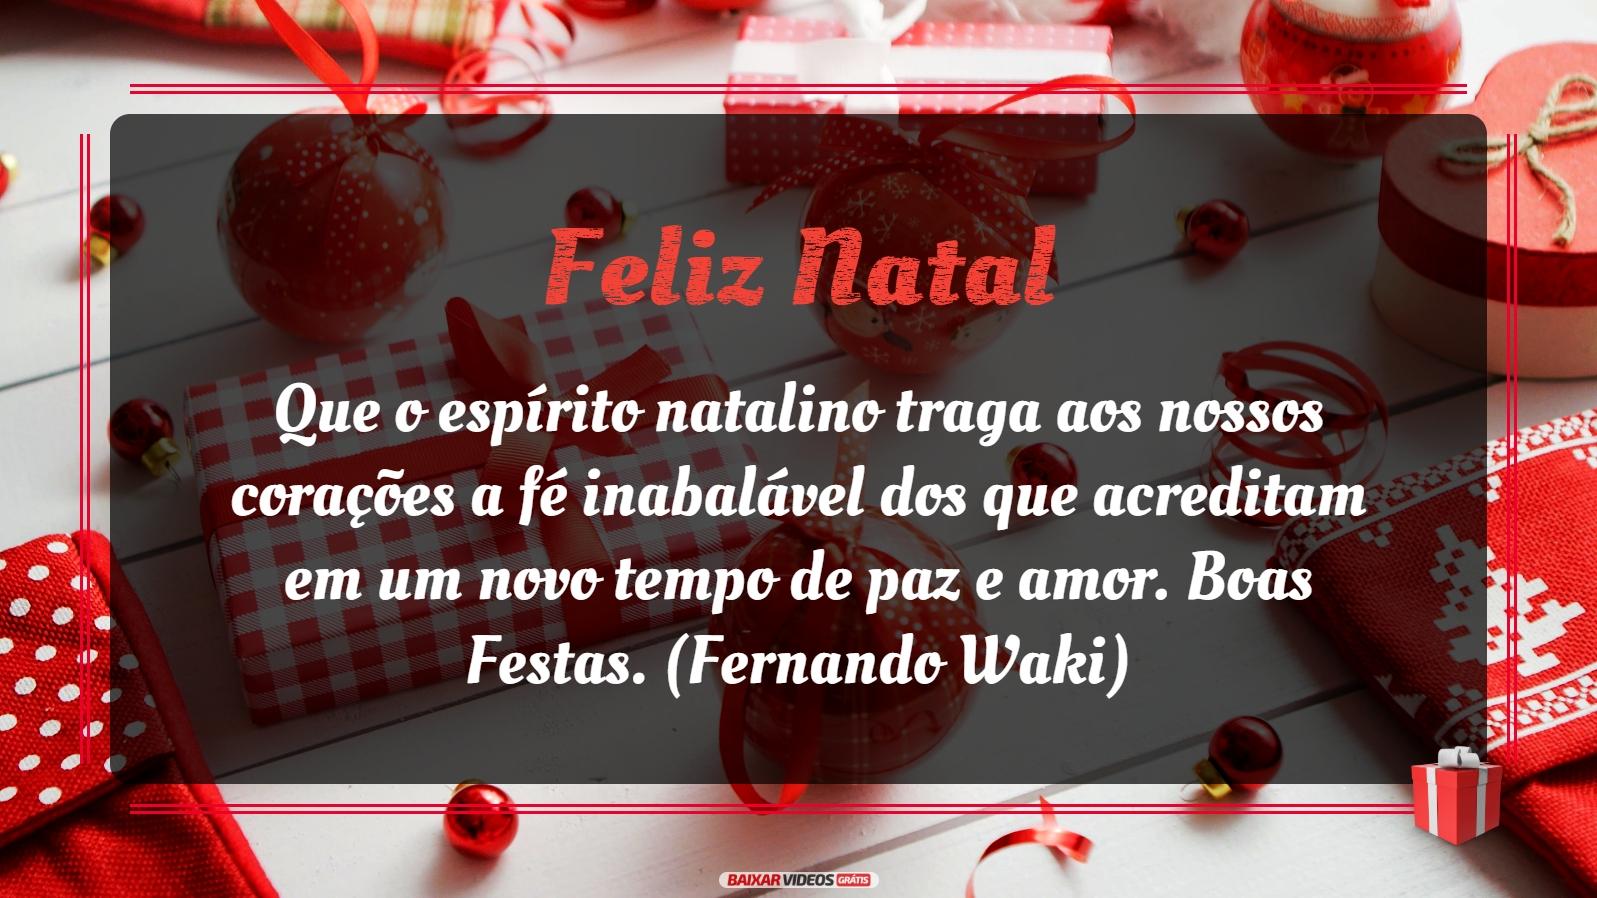 Que o espírito natalino traga aos nossos corações a fé inabalável dos que acreditam em um novo tempo de paz e amor. Boas Festas. (Fernando Waki)